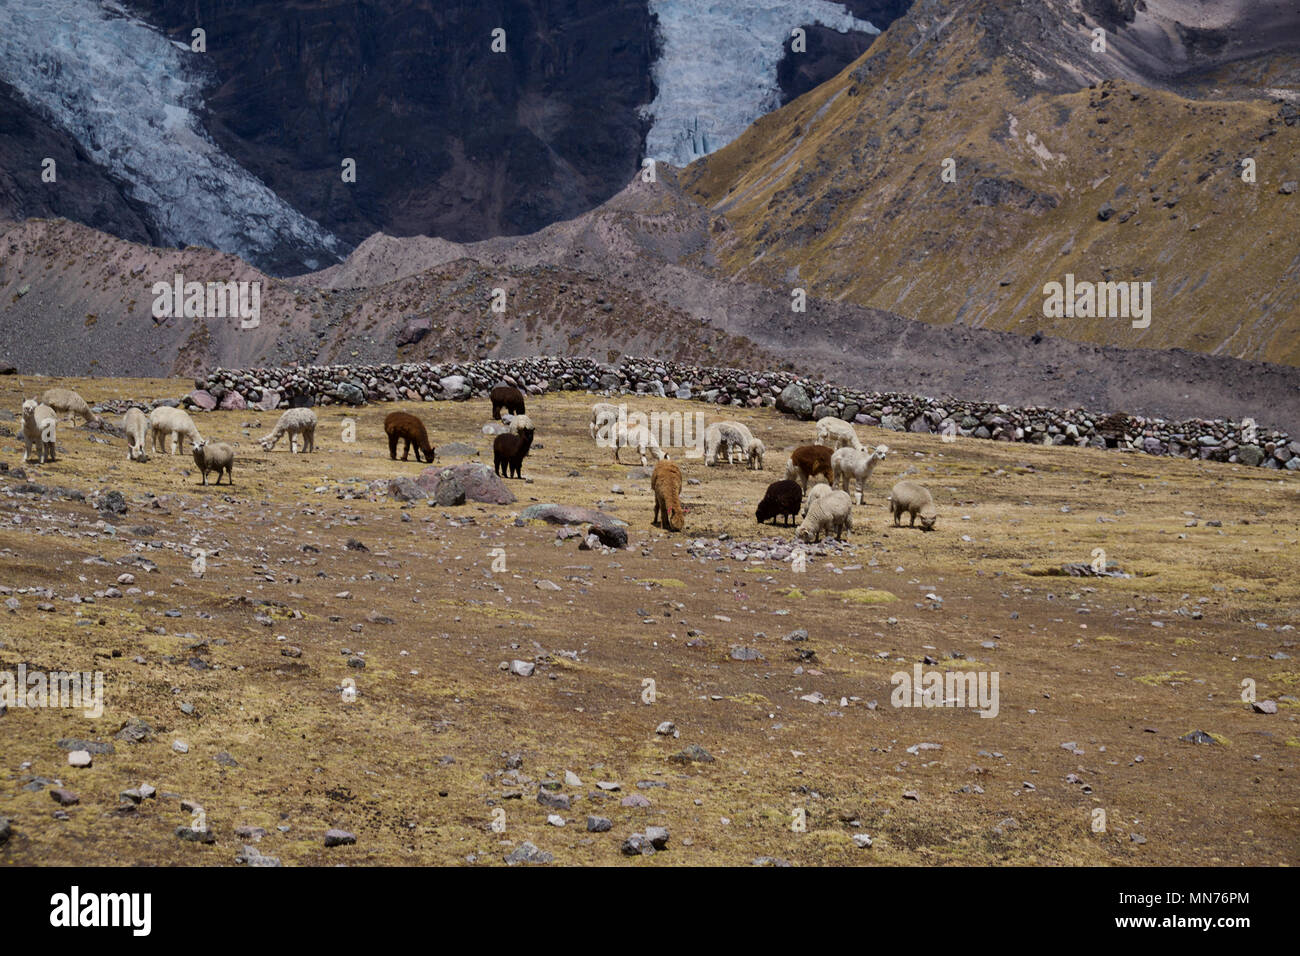 Apu Ausangate trek scenery - Stock Image